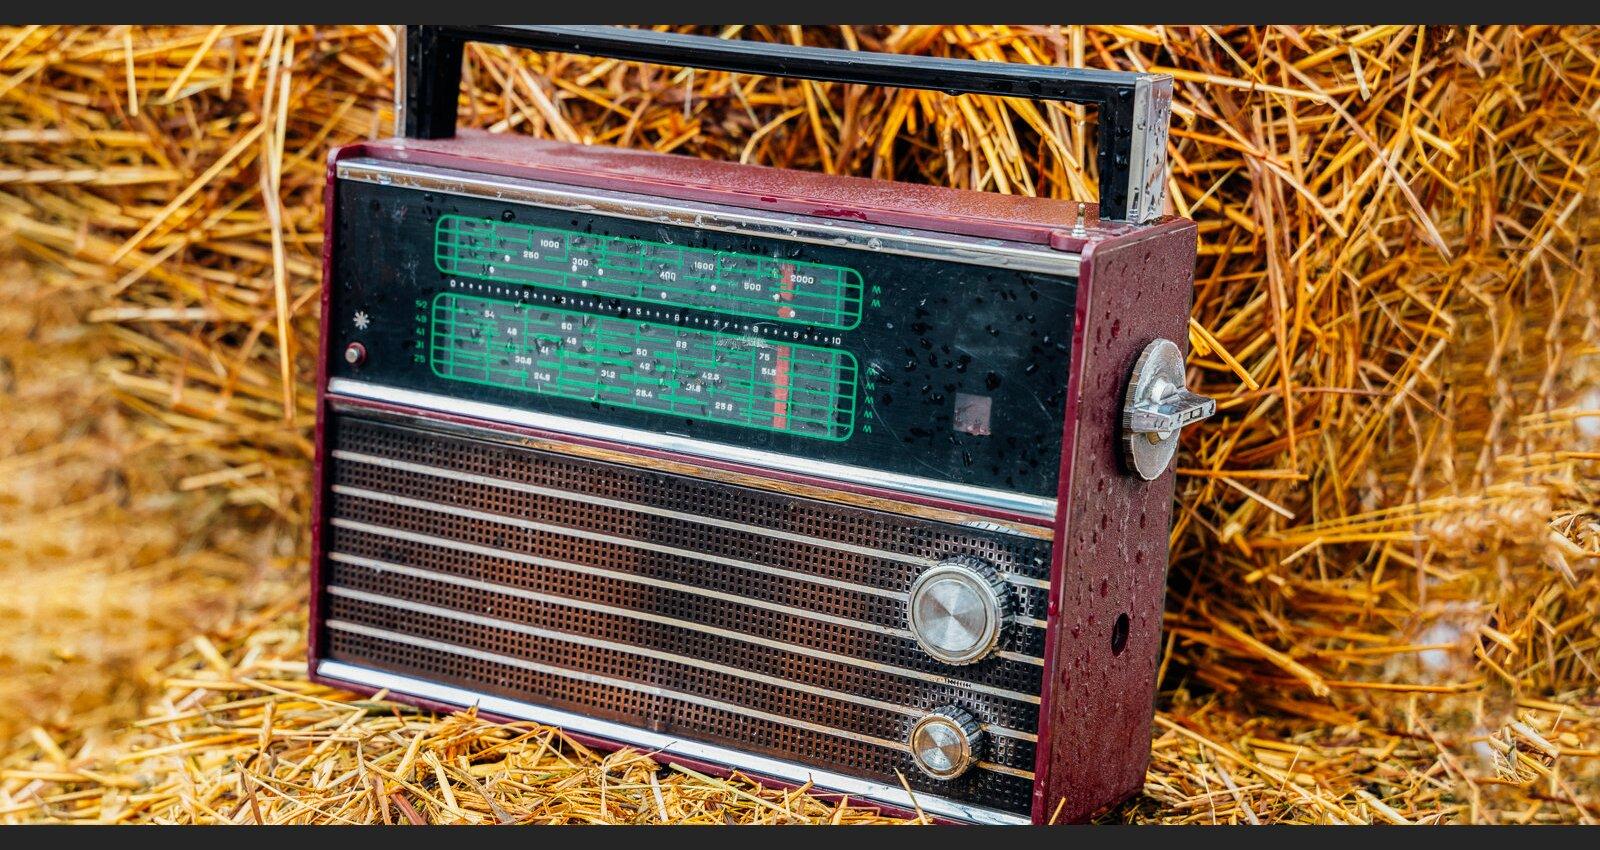 Akvamotori un siena prese 'Kirgistan' – darbību pārtraucis leģendārais 'Latvijas Radio 2 tirgus'